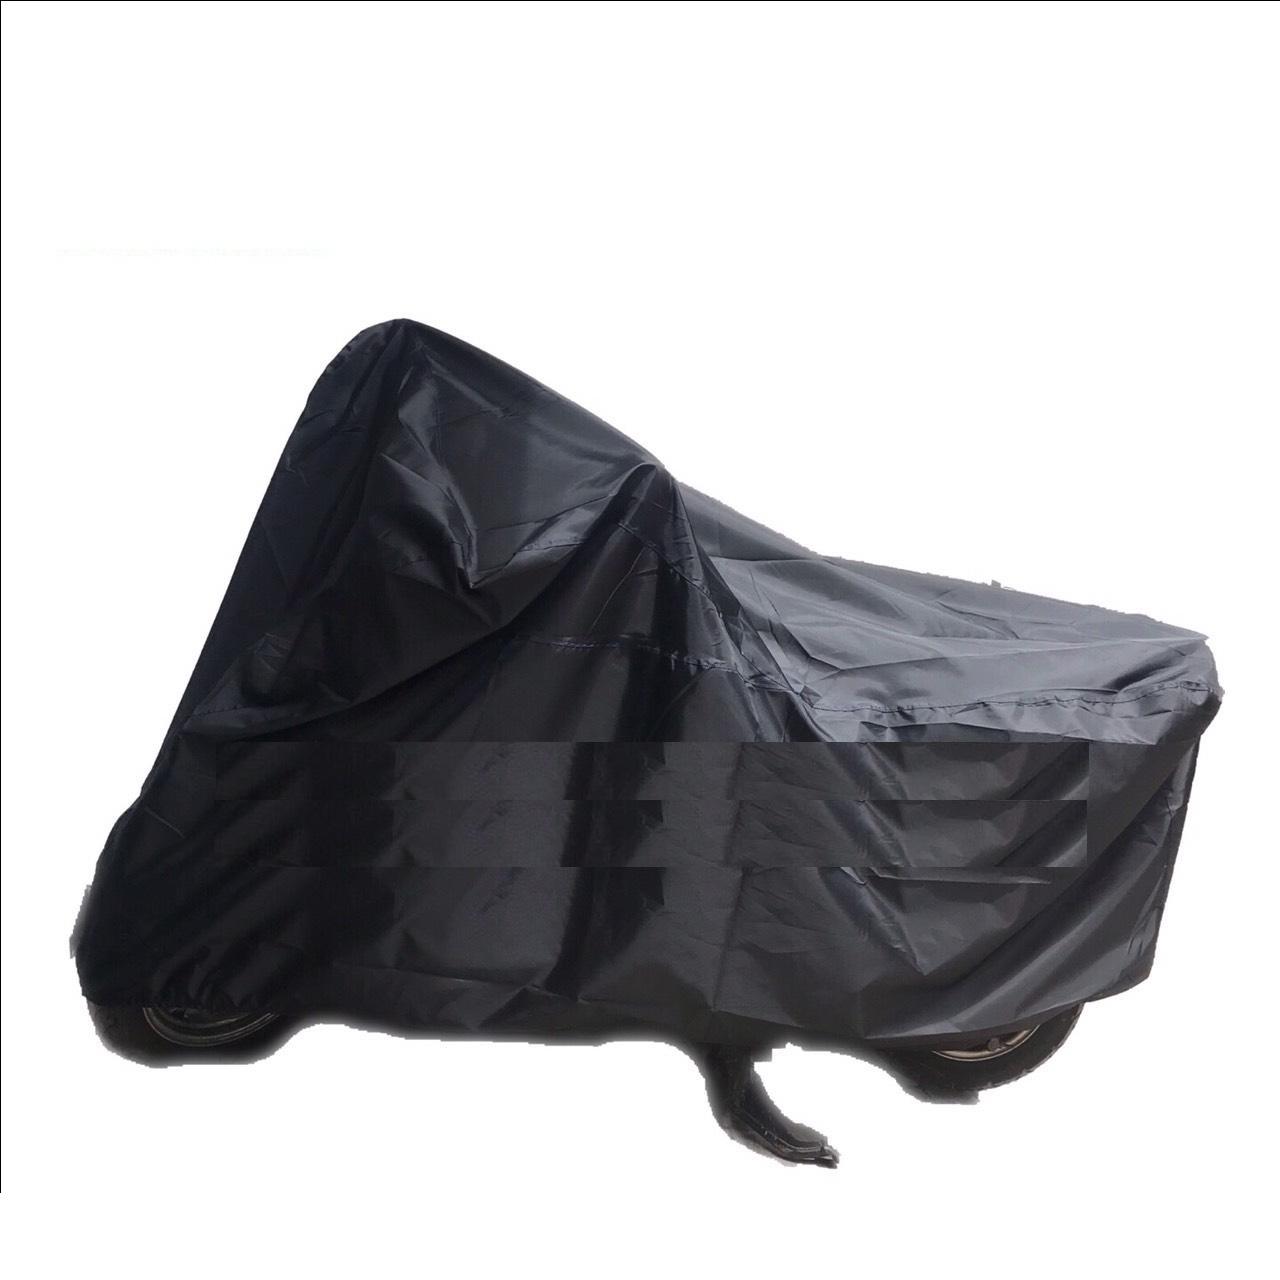 Hình ảnh Bạt trùm xe máy, áo trùm xe vải dù cao cấp 220cm x 115cm che vừa vặn tất cả các loại xe máy - giao màu ngẫu nhiên